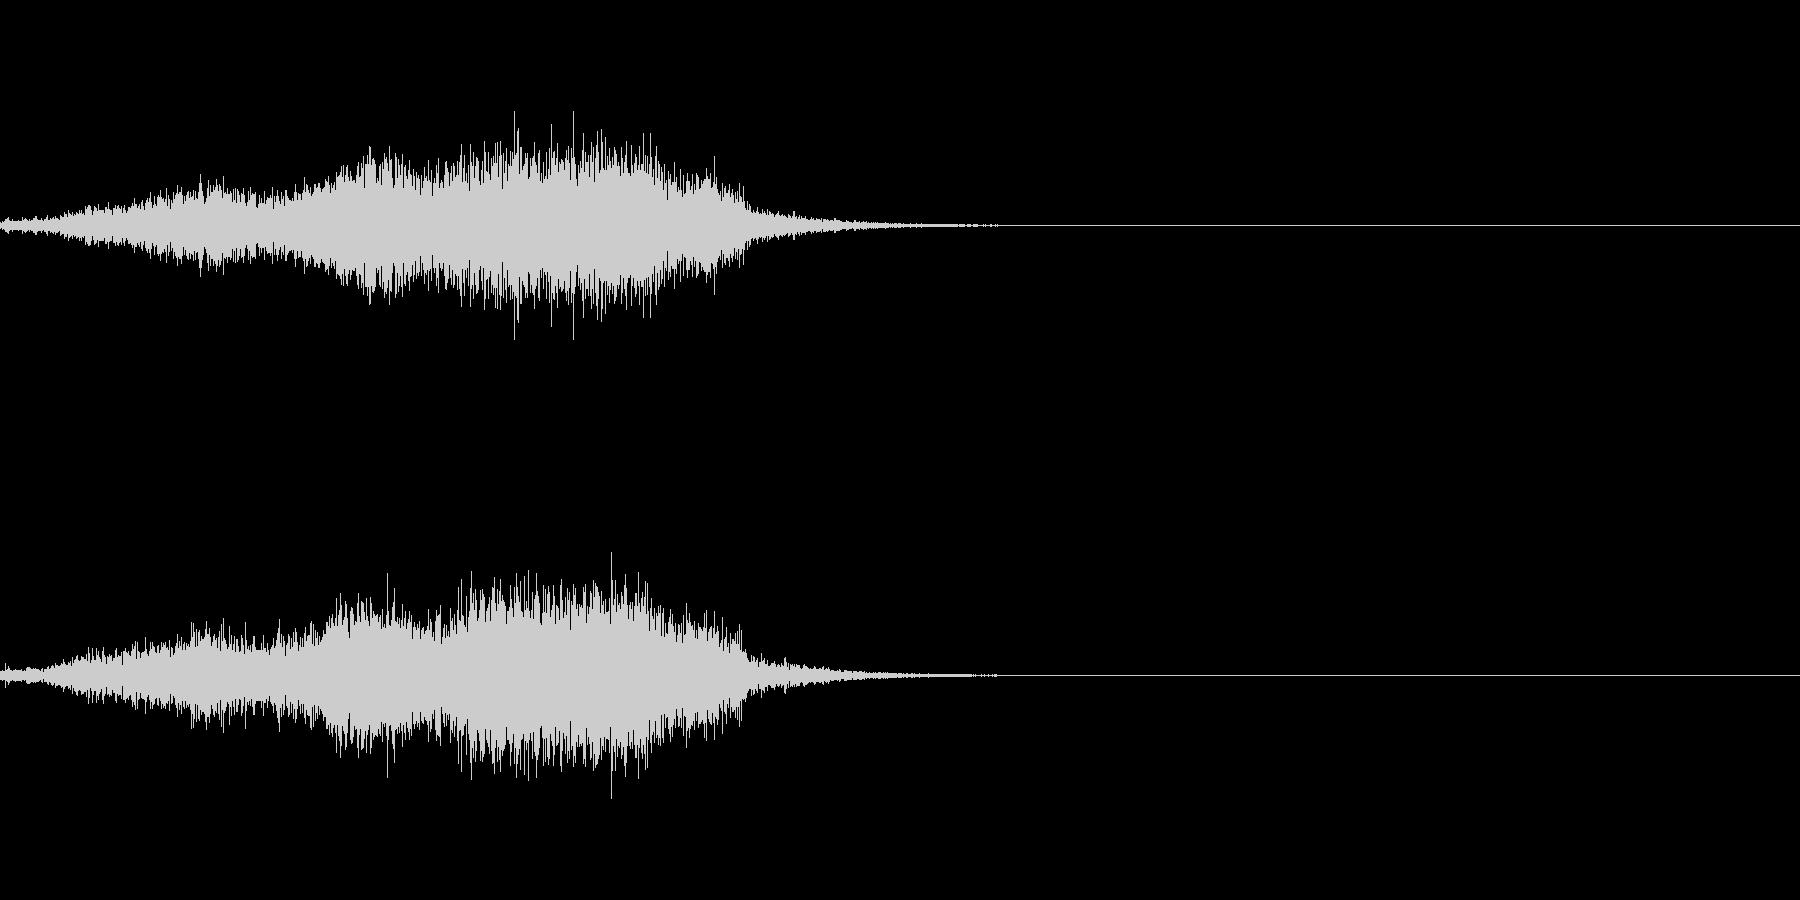 シュー(空気、蒸気、ガス)その5の未再生の波形